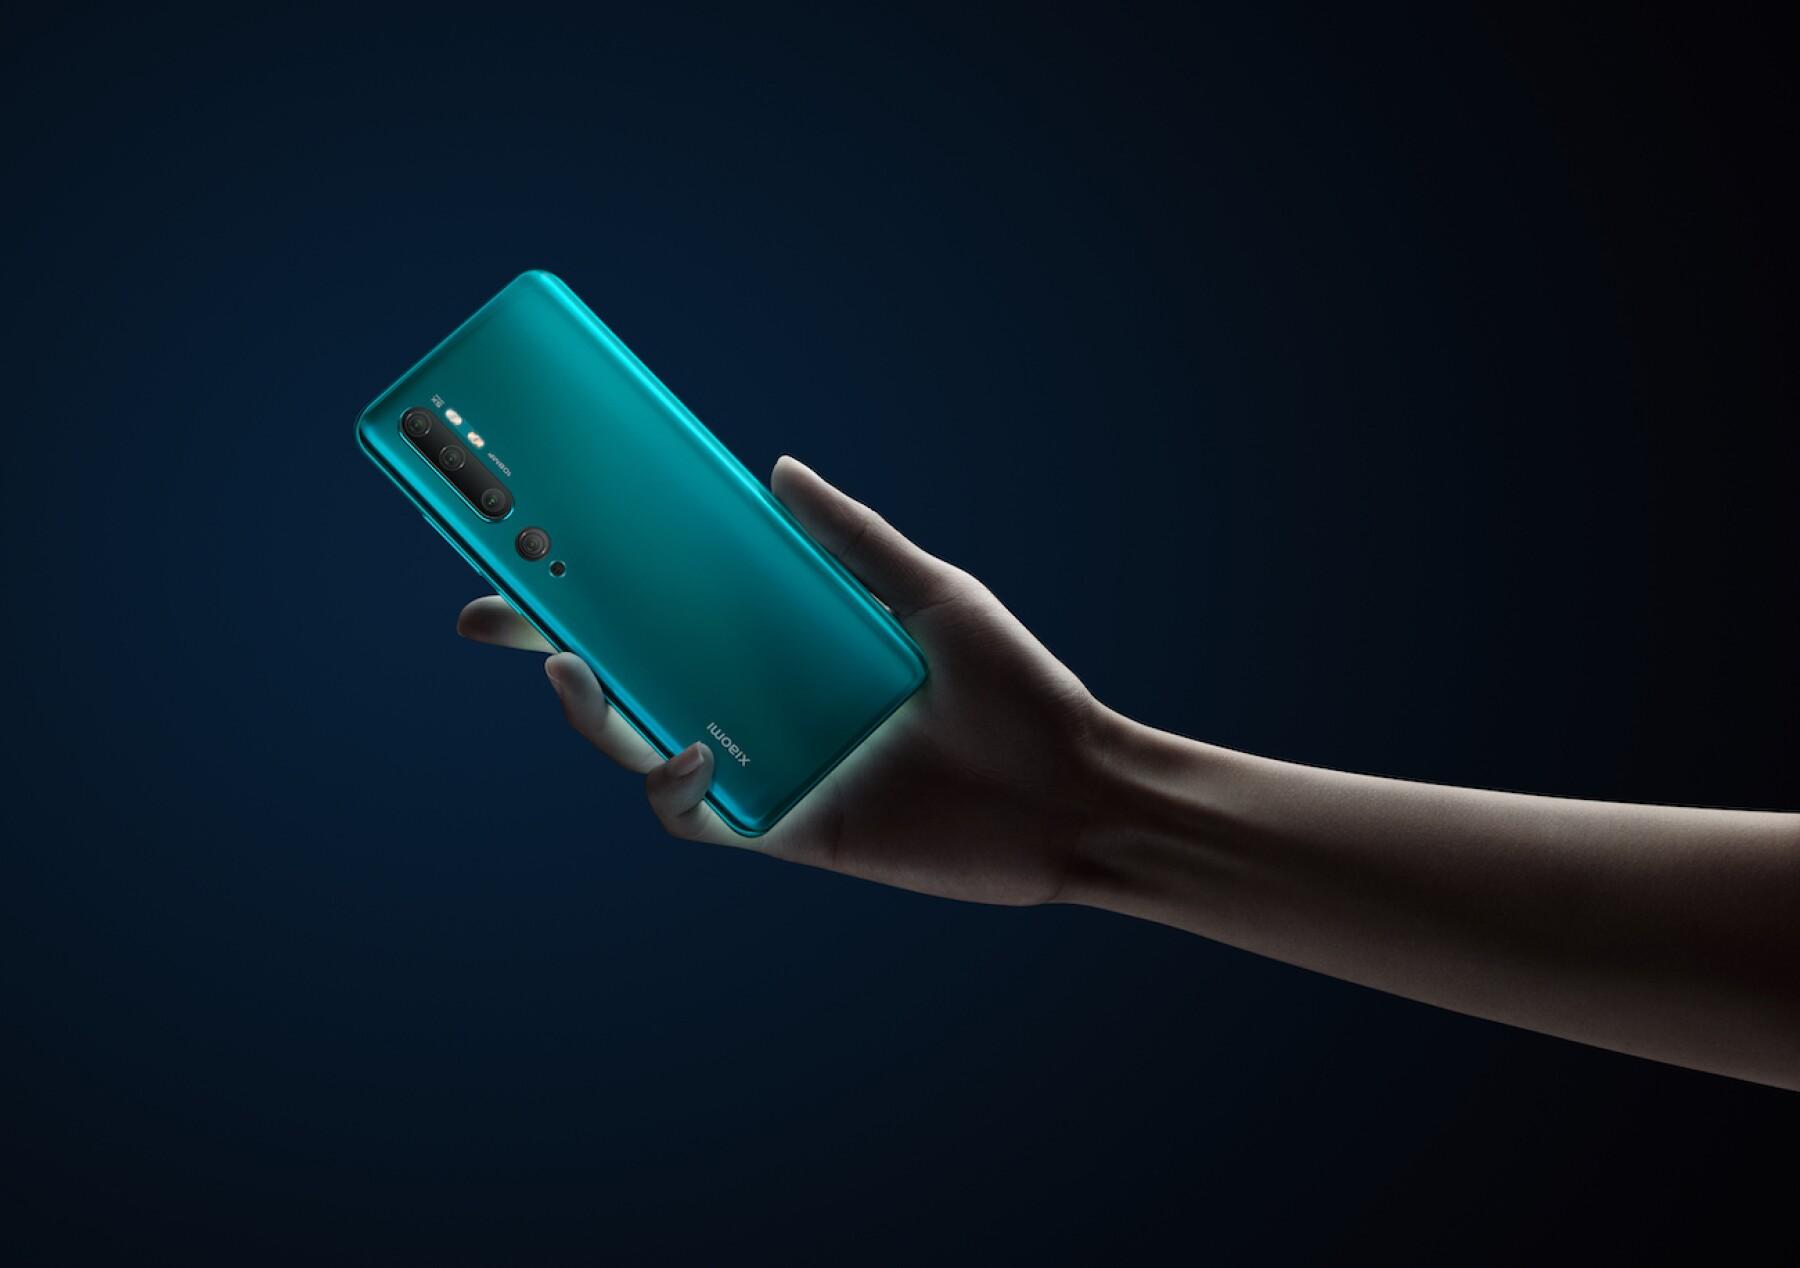 Fotos de smartphone tamaño espectacular con el Mi Note 10